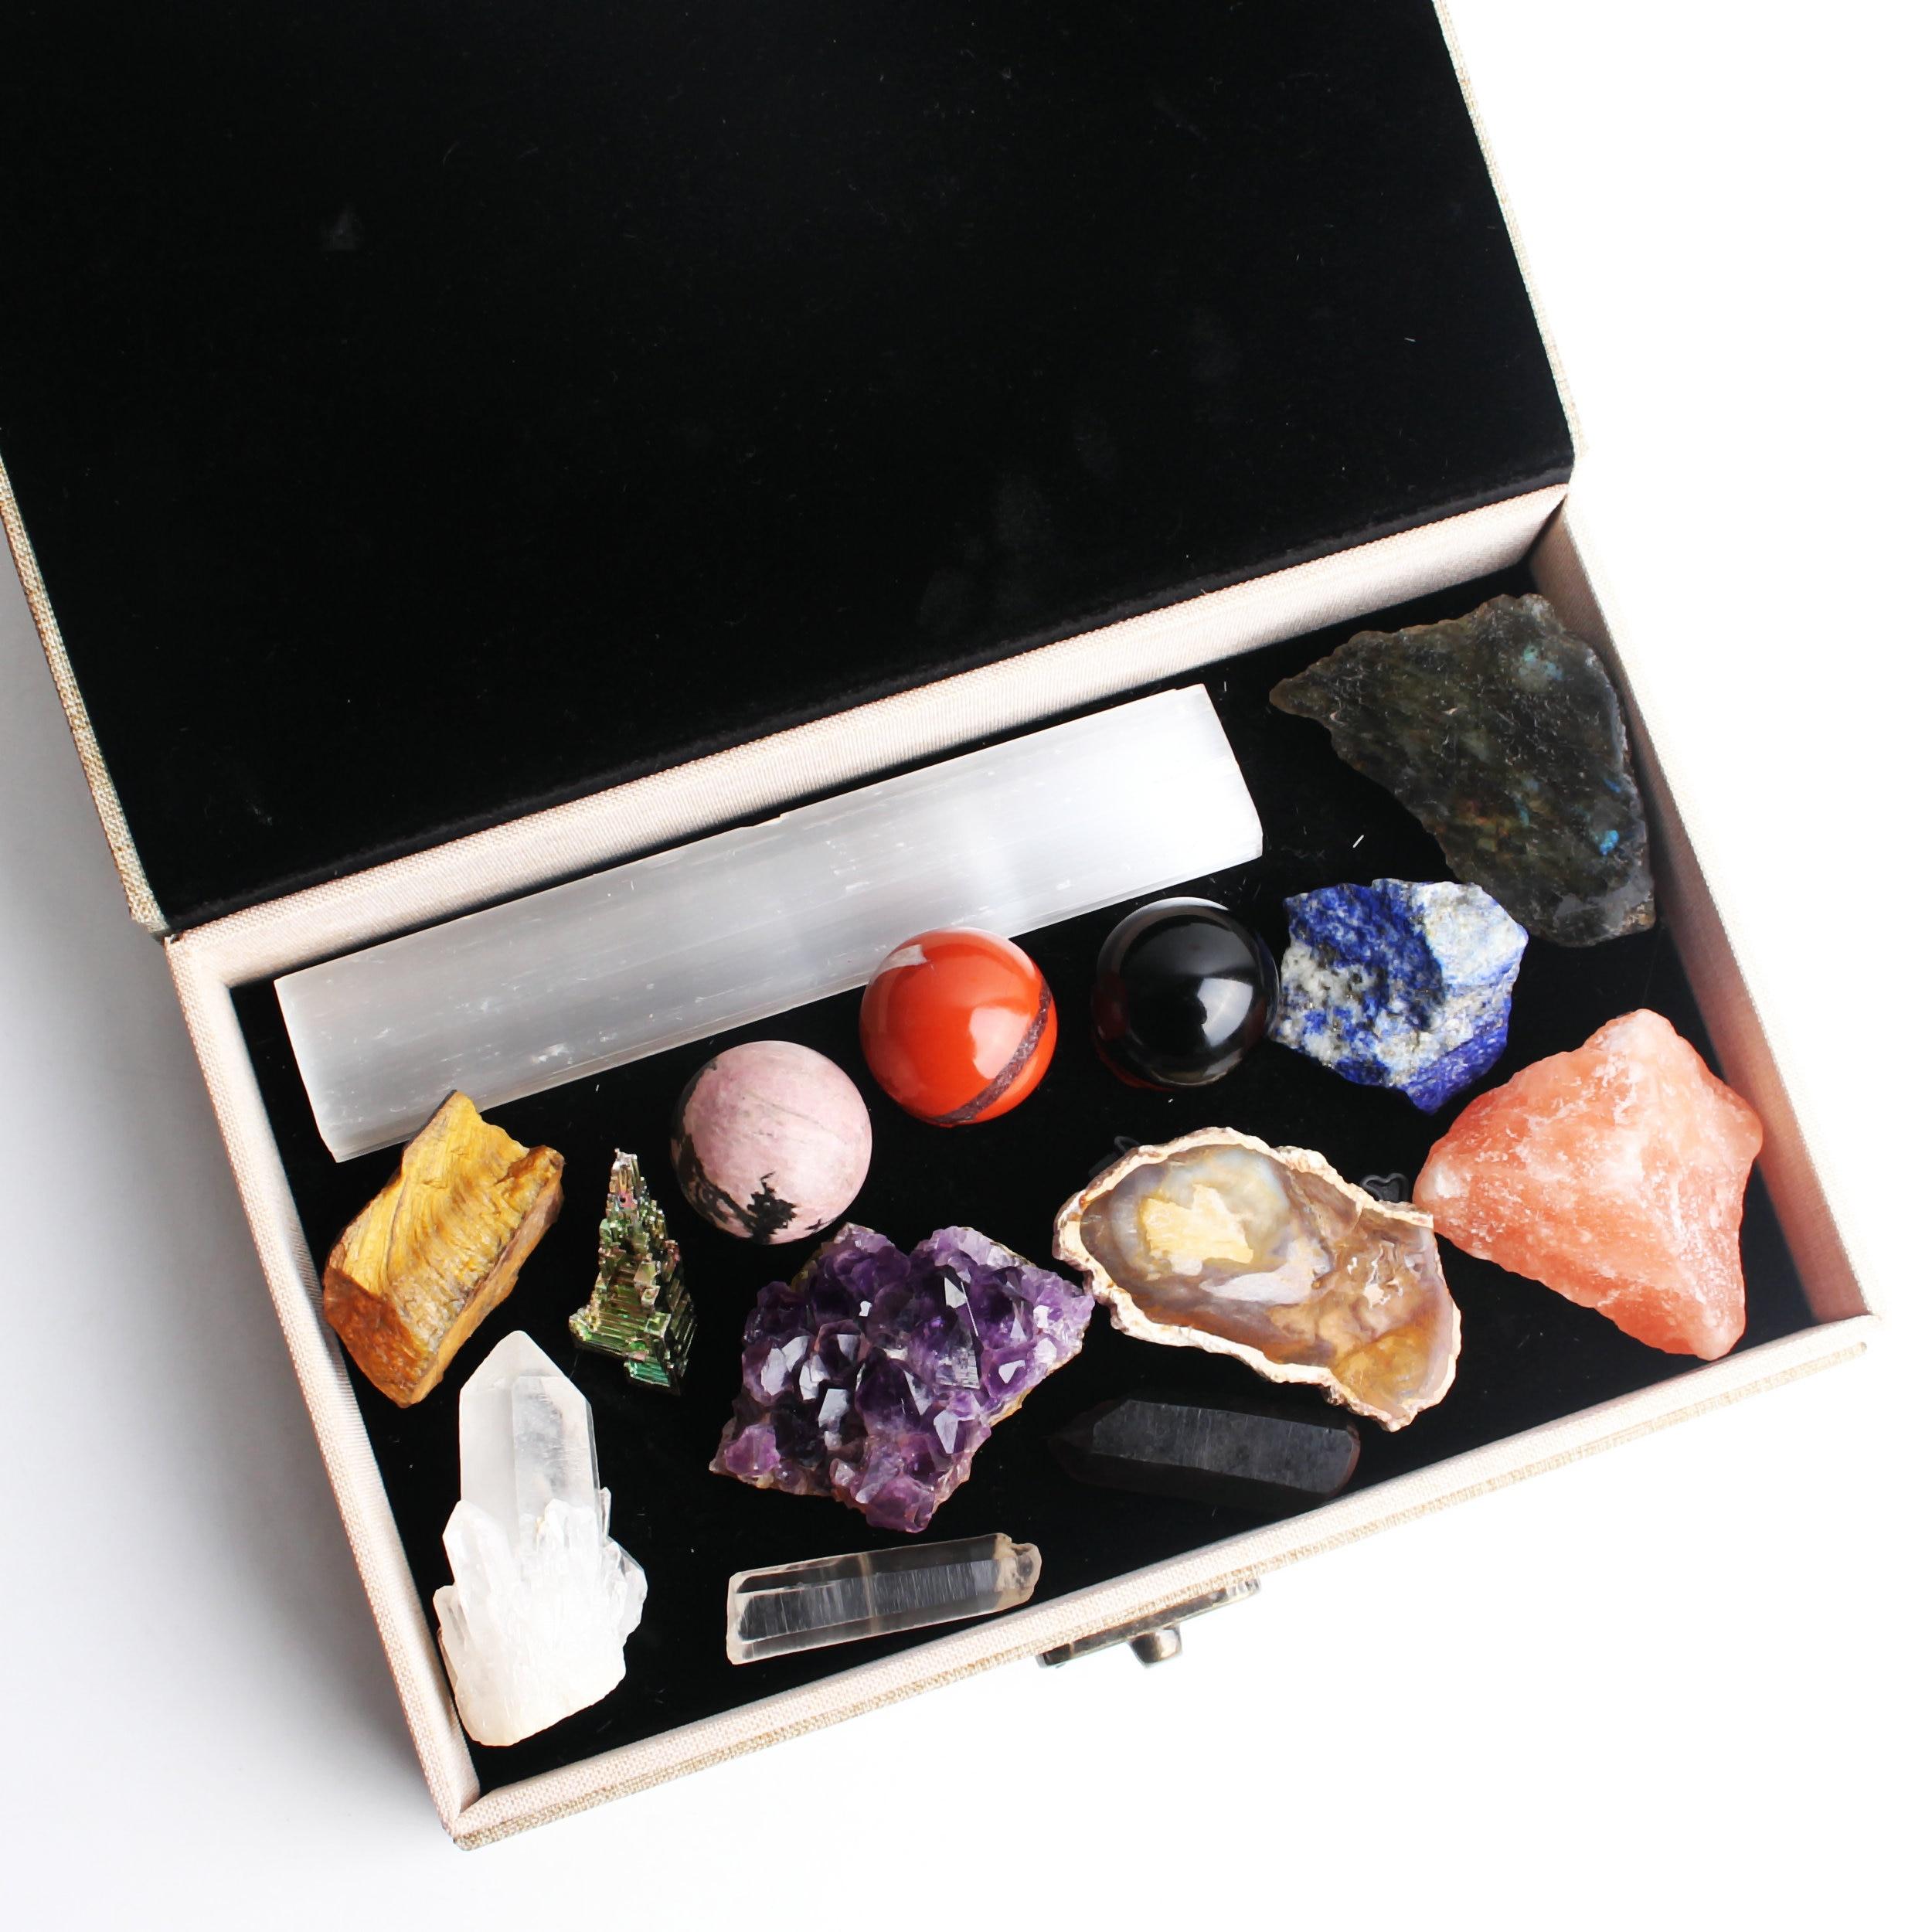 14 Uds. Piedras de cristal naturales bola de cristal racimo amatista original mineral espécimen de piedra reiki curación caja de regalo BAMOER, moda nueva, Plata de Ley 925 auténtica, Mystery Ocean Charms Beads fit, pulseras de encanto para mujeres, joyería de piedra DIY SCC246